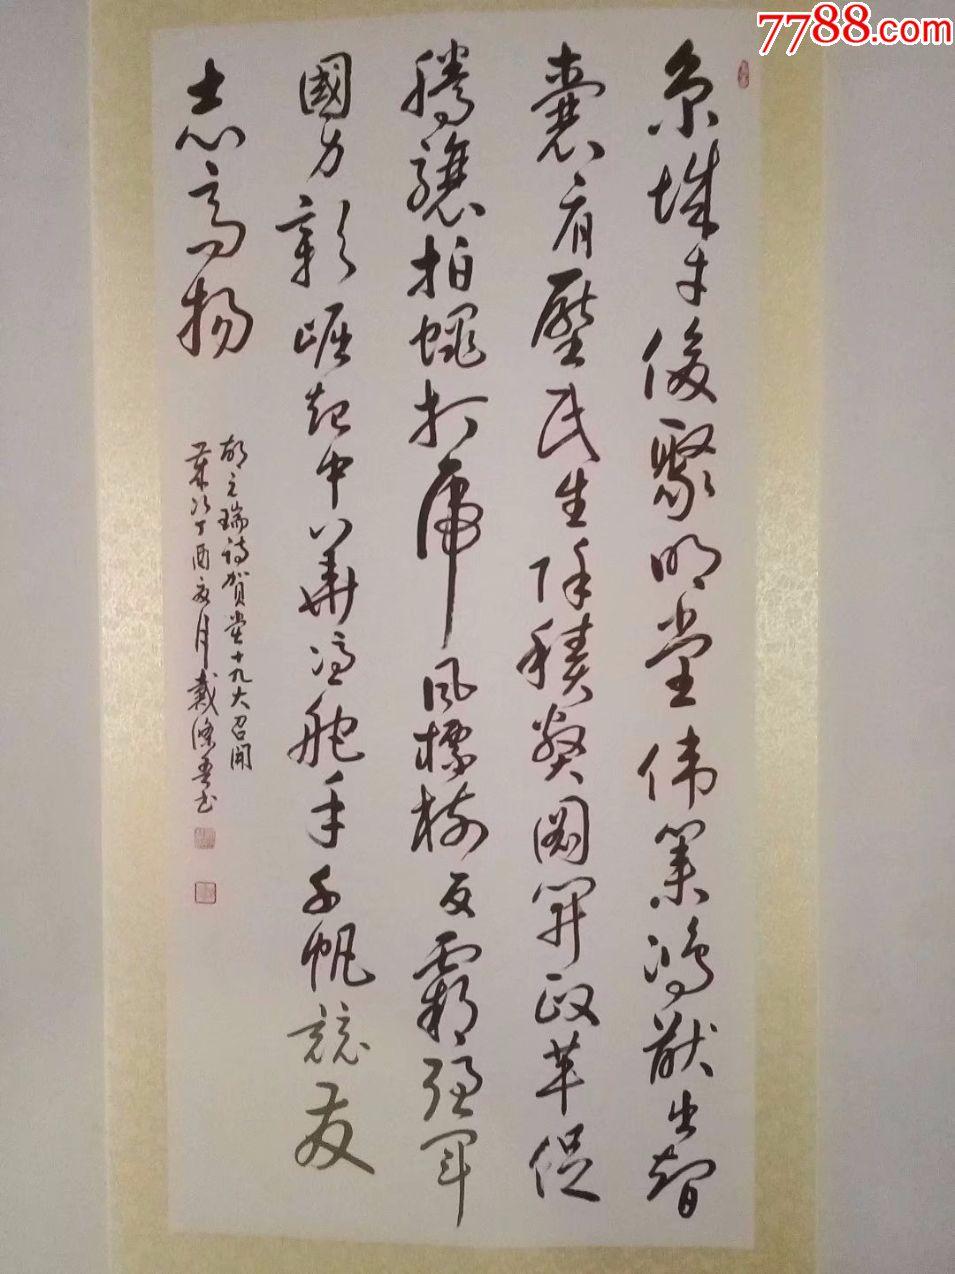 名人名家书法,四尺中堂书法,卷轴精装裱,参加展览的作品,包邮图片